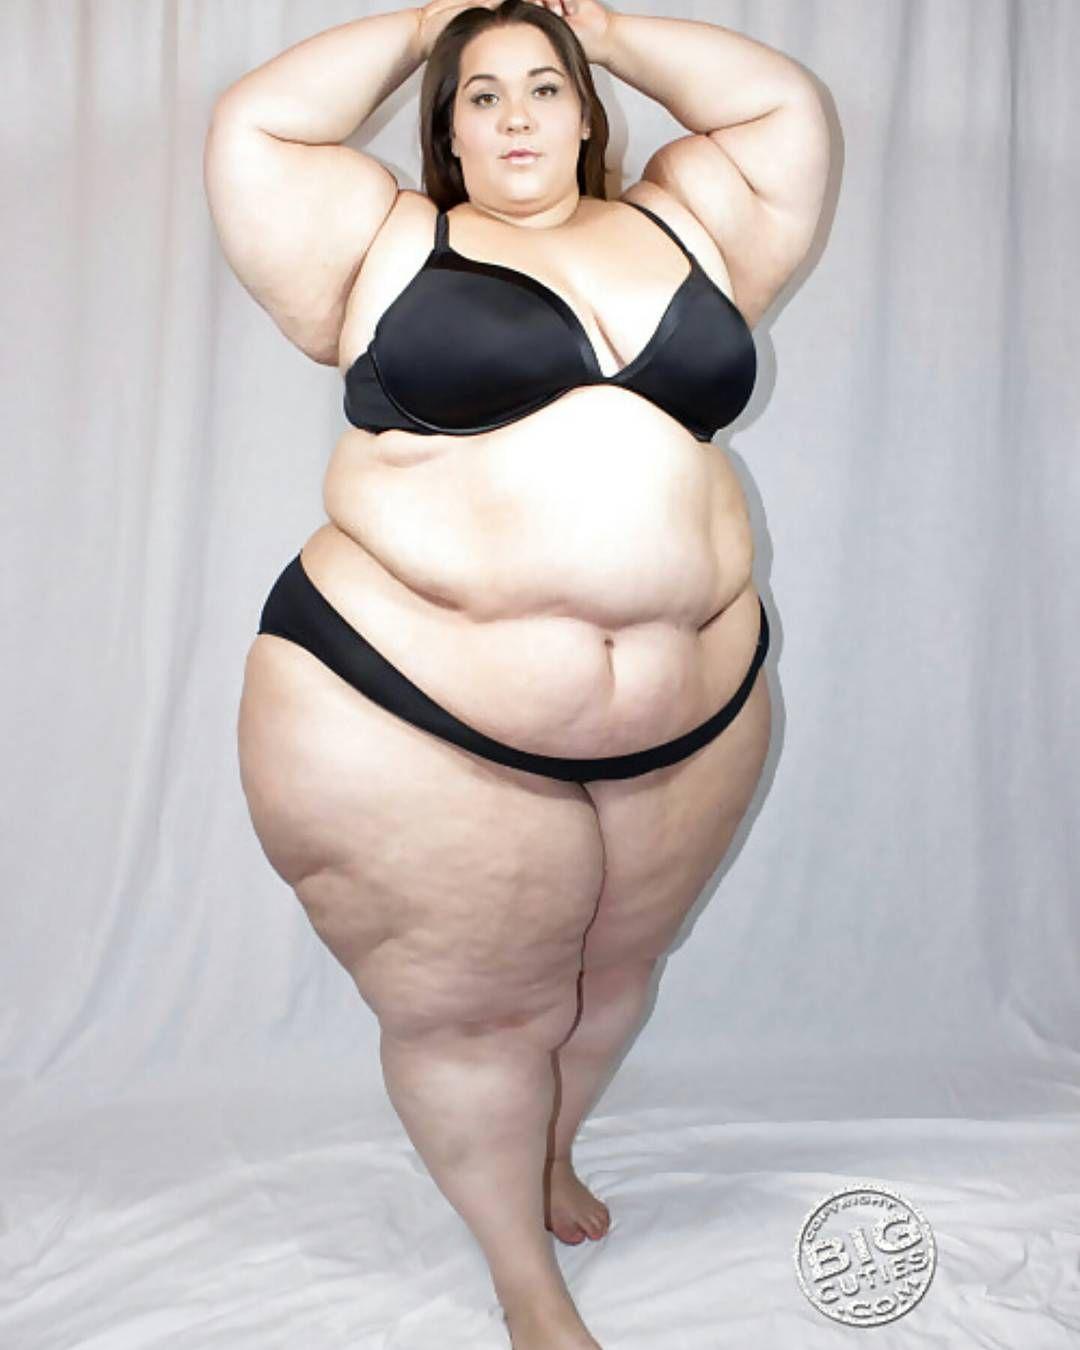 Big fat belly women